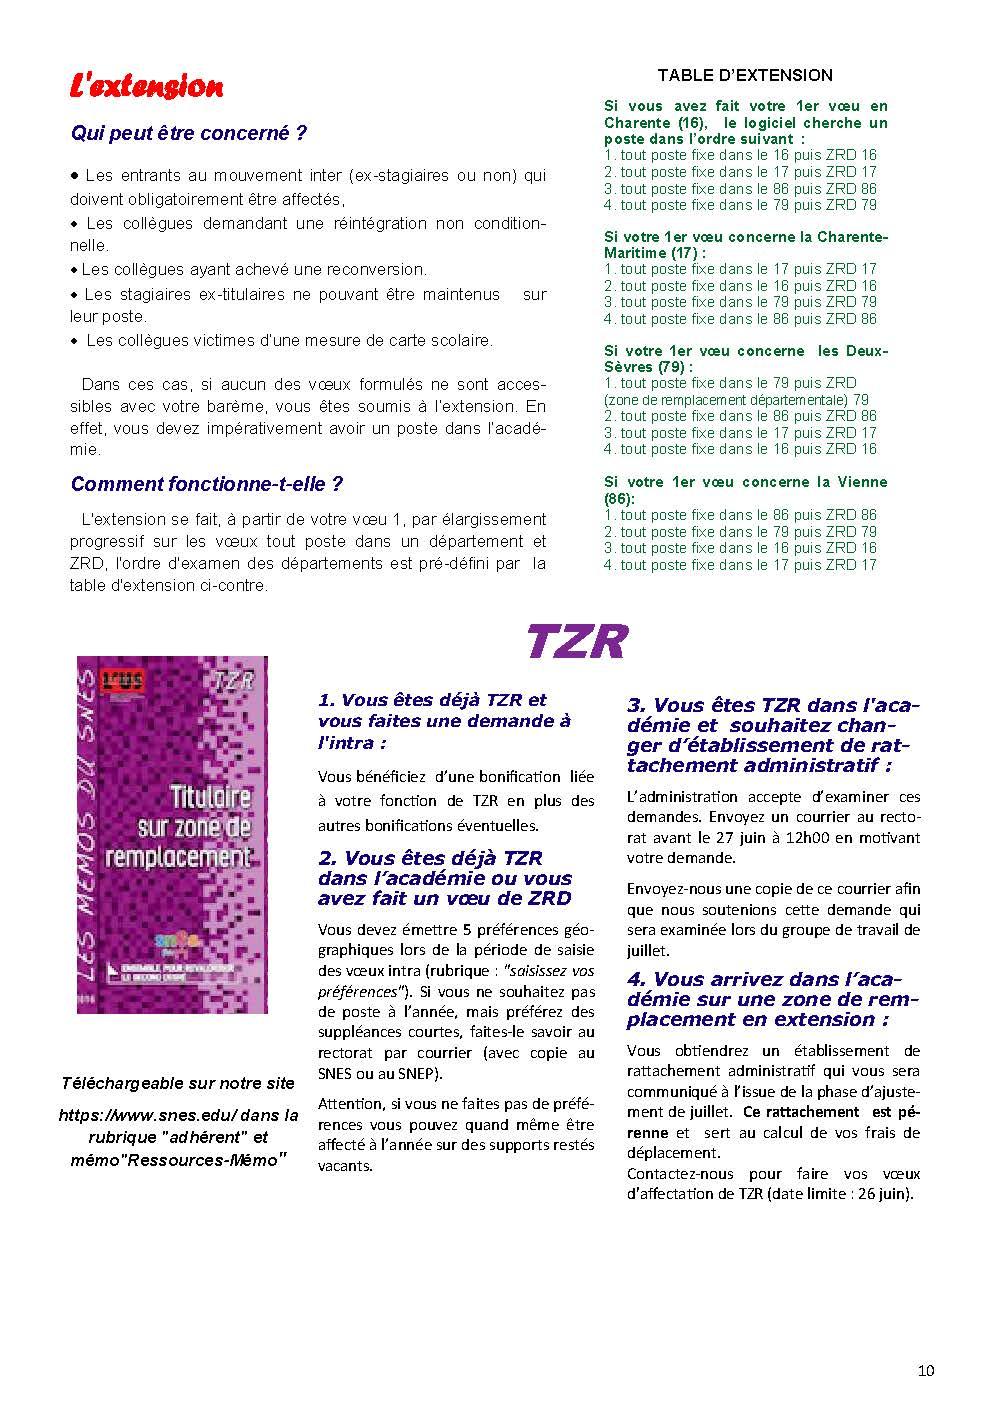 Poitiers Fsu Snep – Tout Savoir TK1JclF